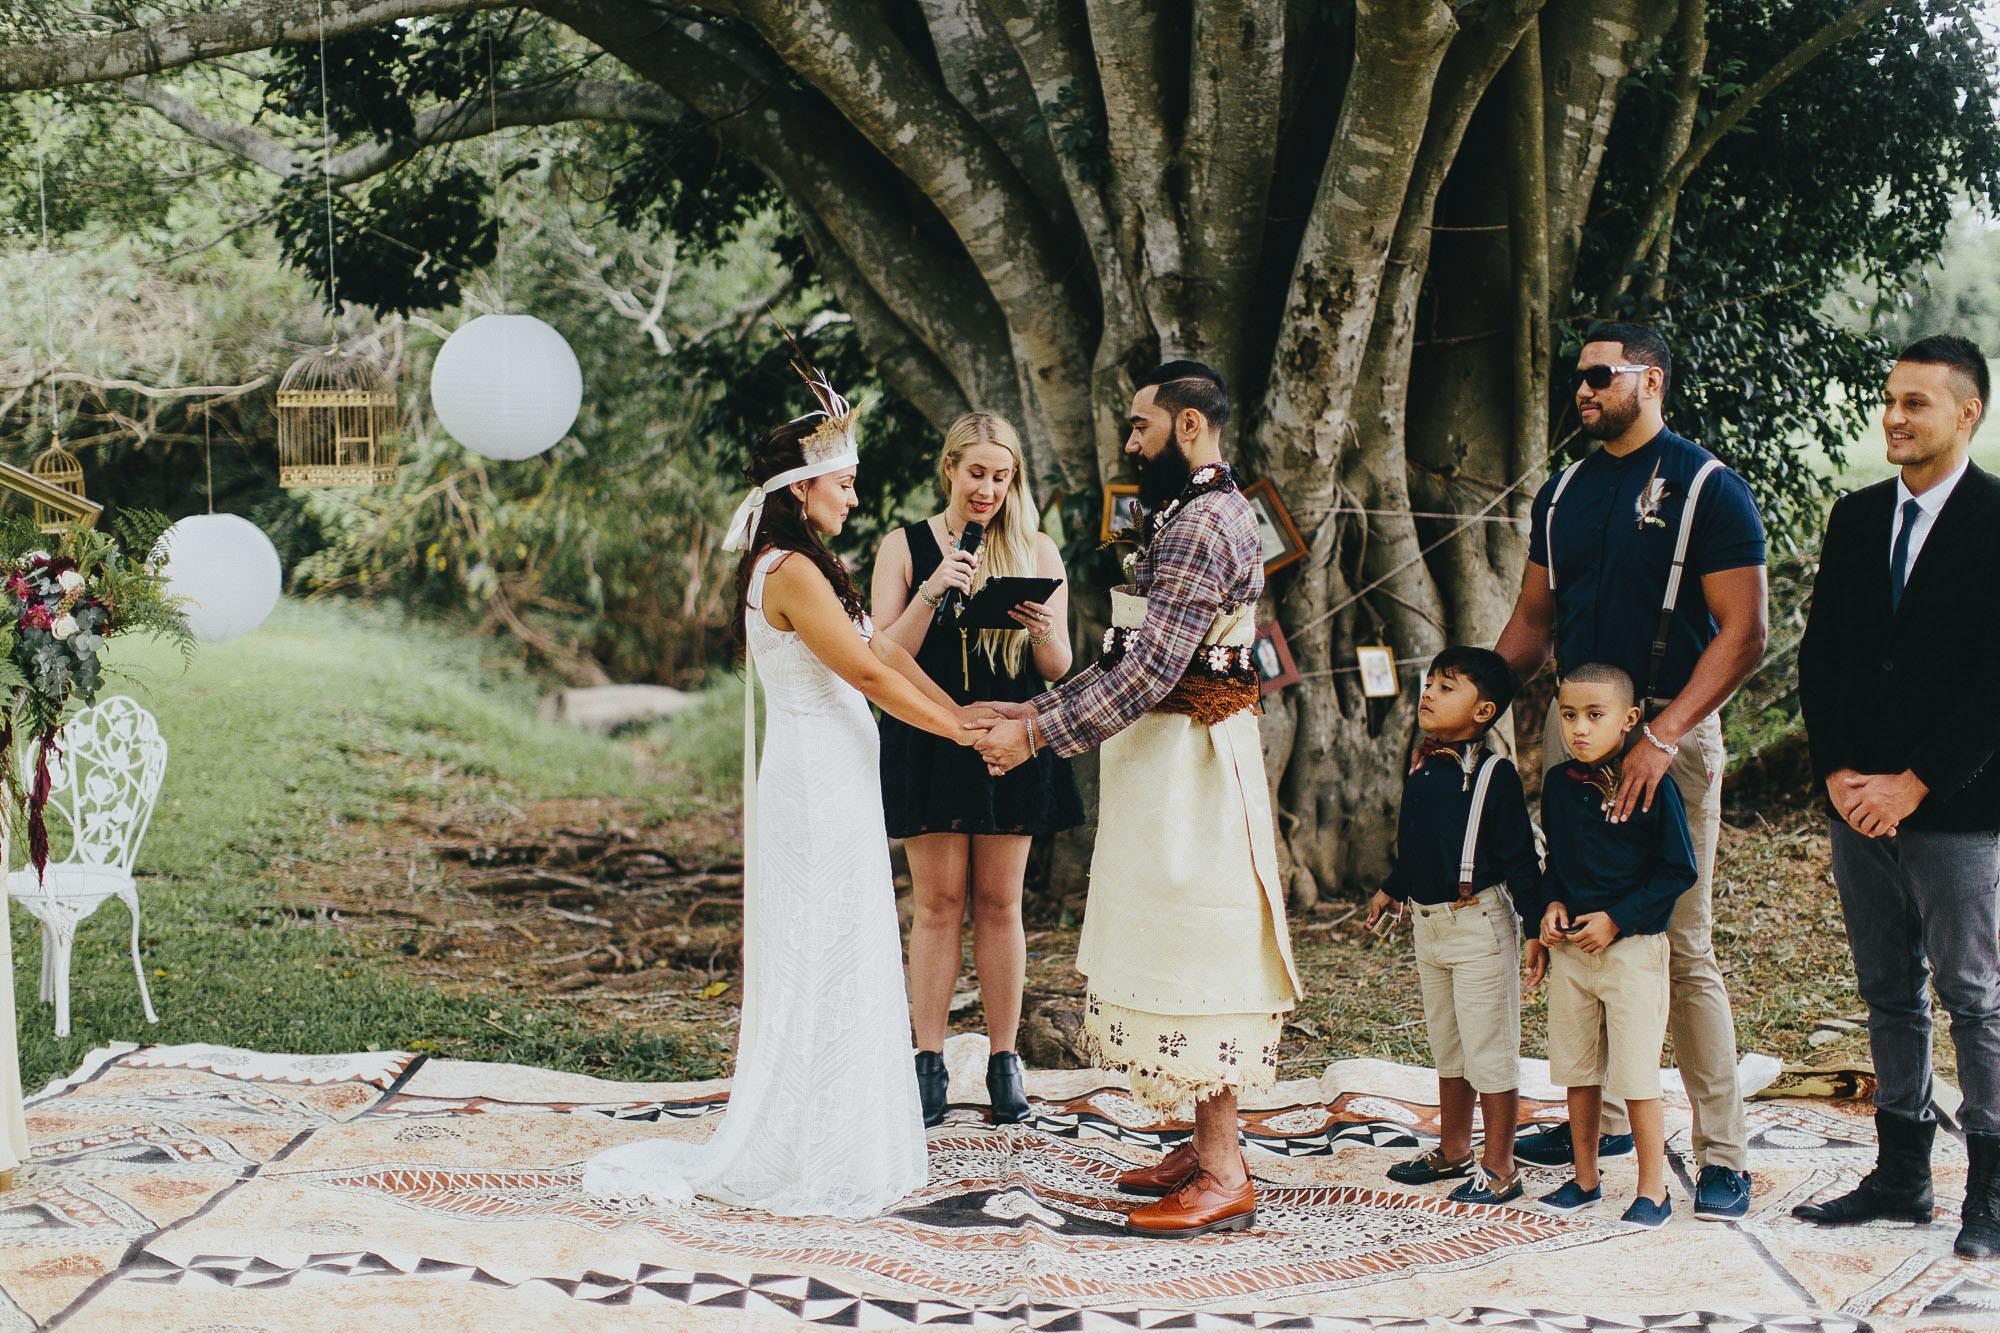 043 finch and oak, wedding photography, gold coast, byron bay.jpg